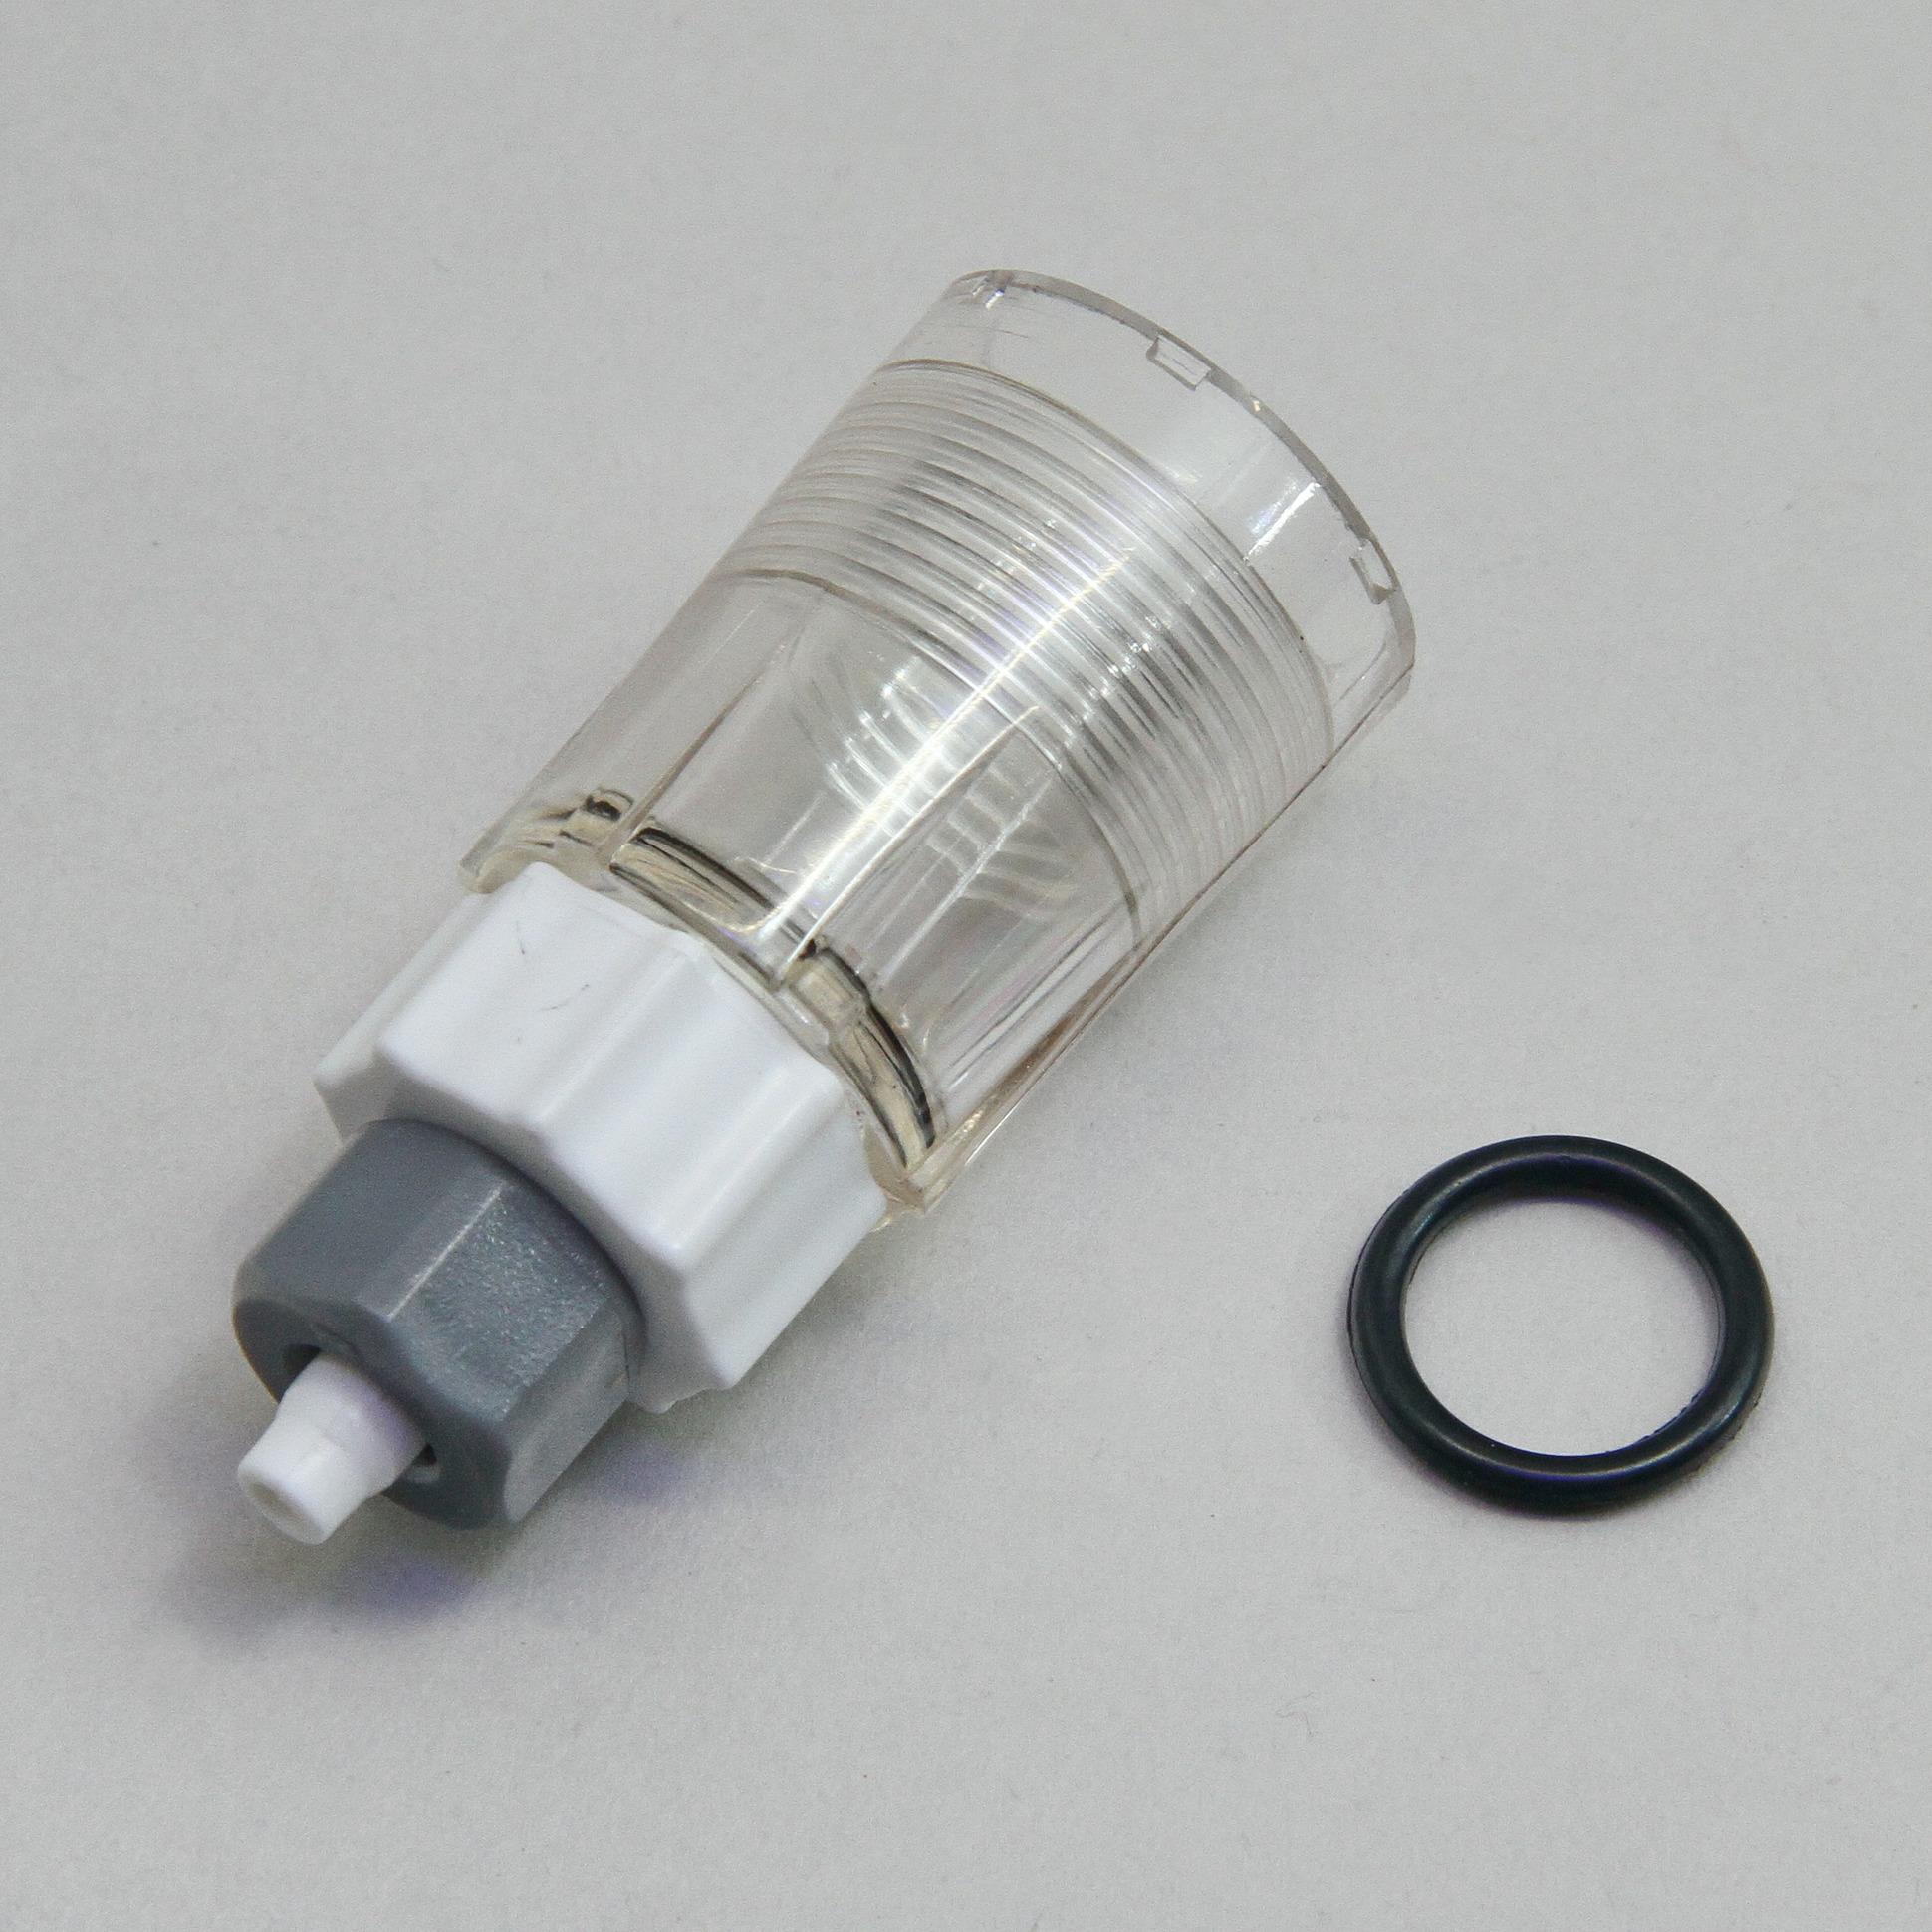 JBL ProFlora Direct Compte-bulles avec anti-retour pour diffuseurs CO2 Proflora Direct